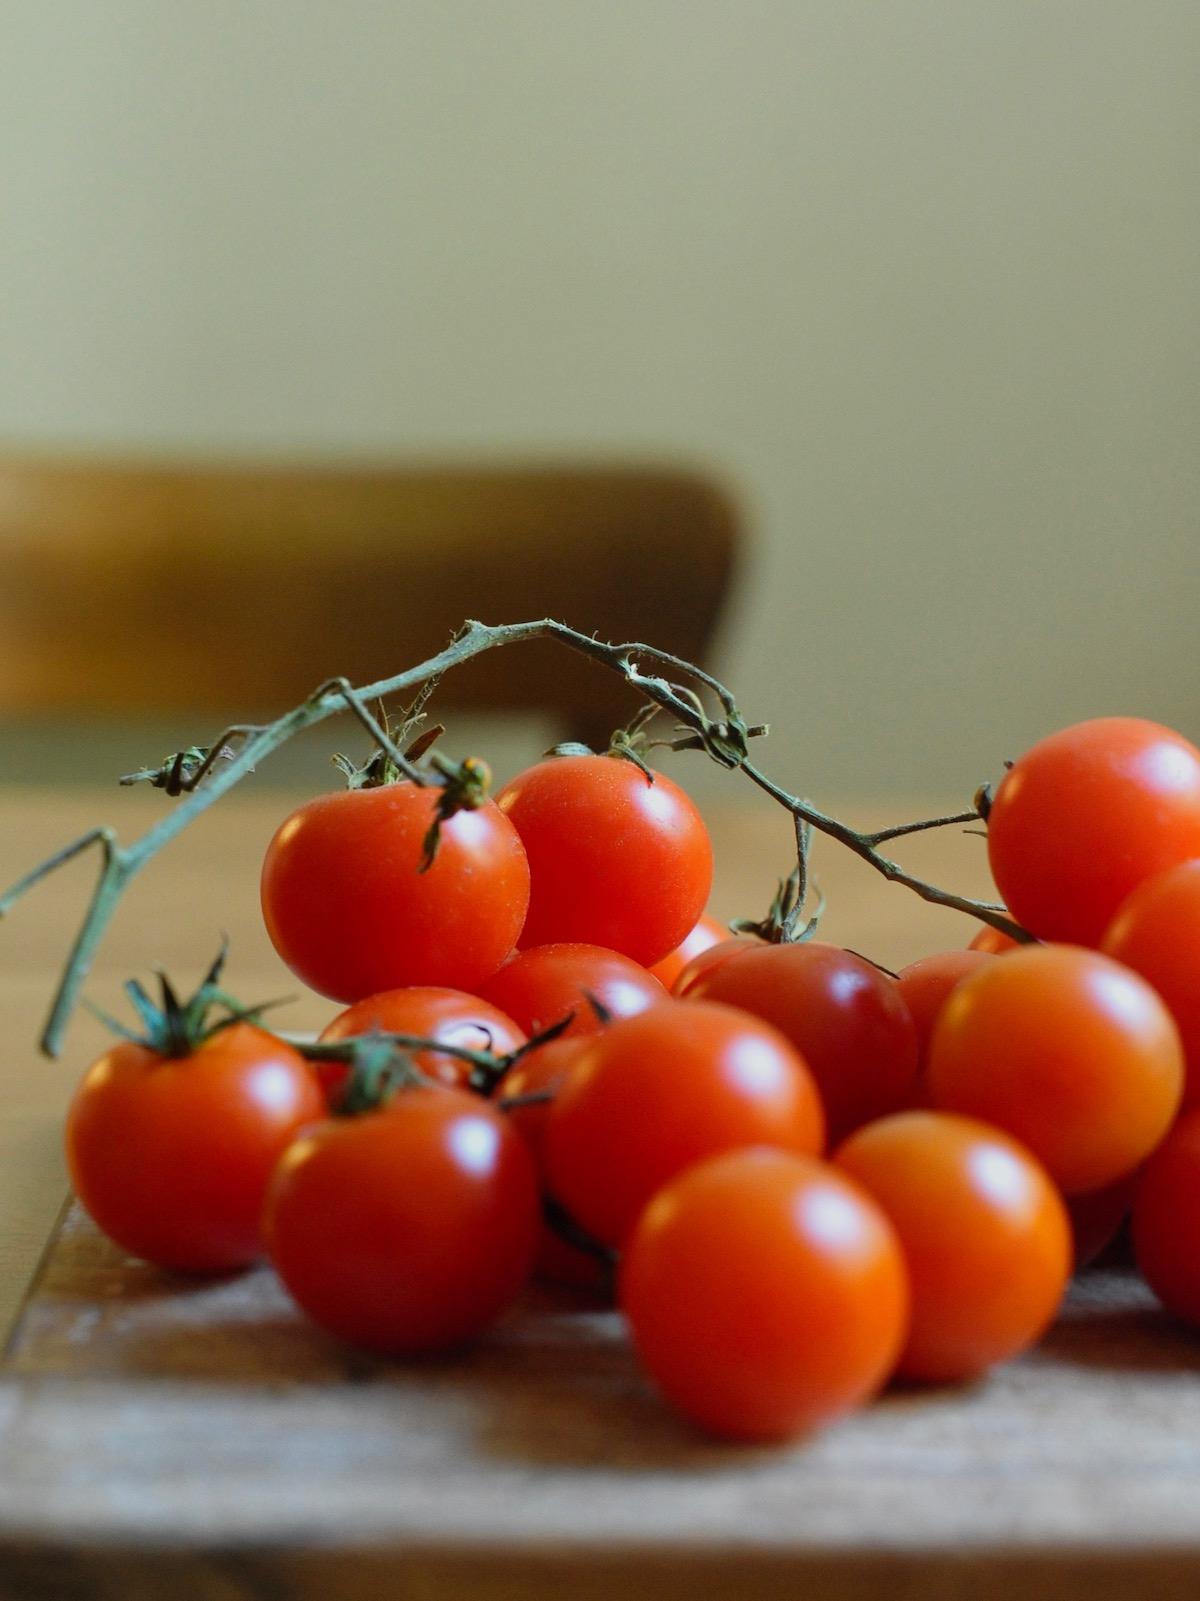 Rispe mit frischen Cherrytomaten auf Brett